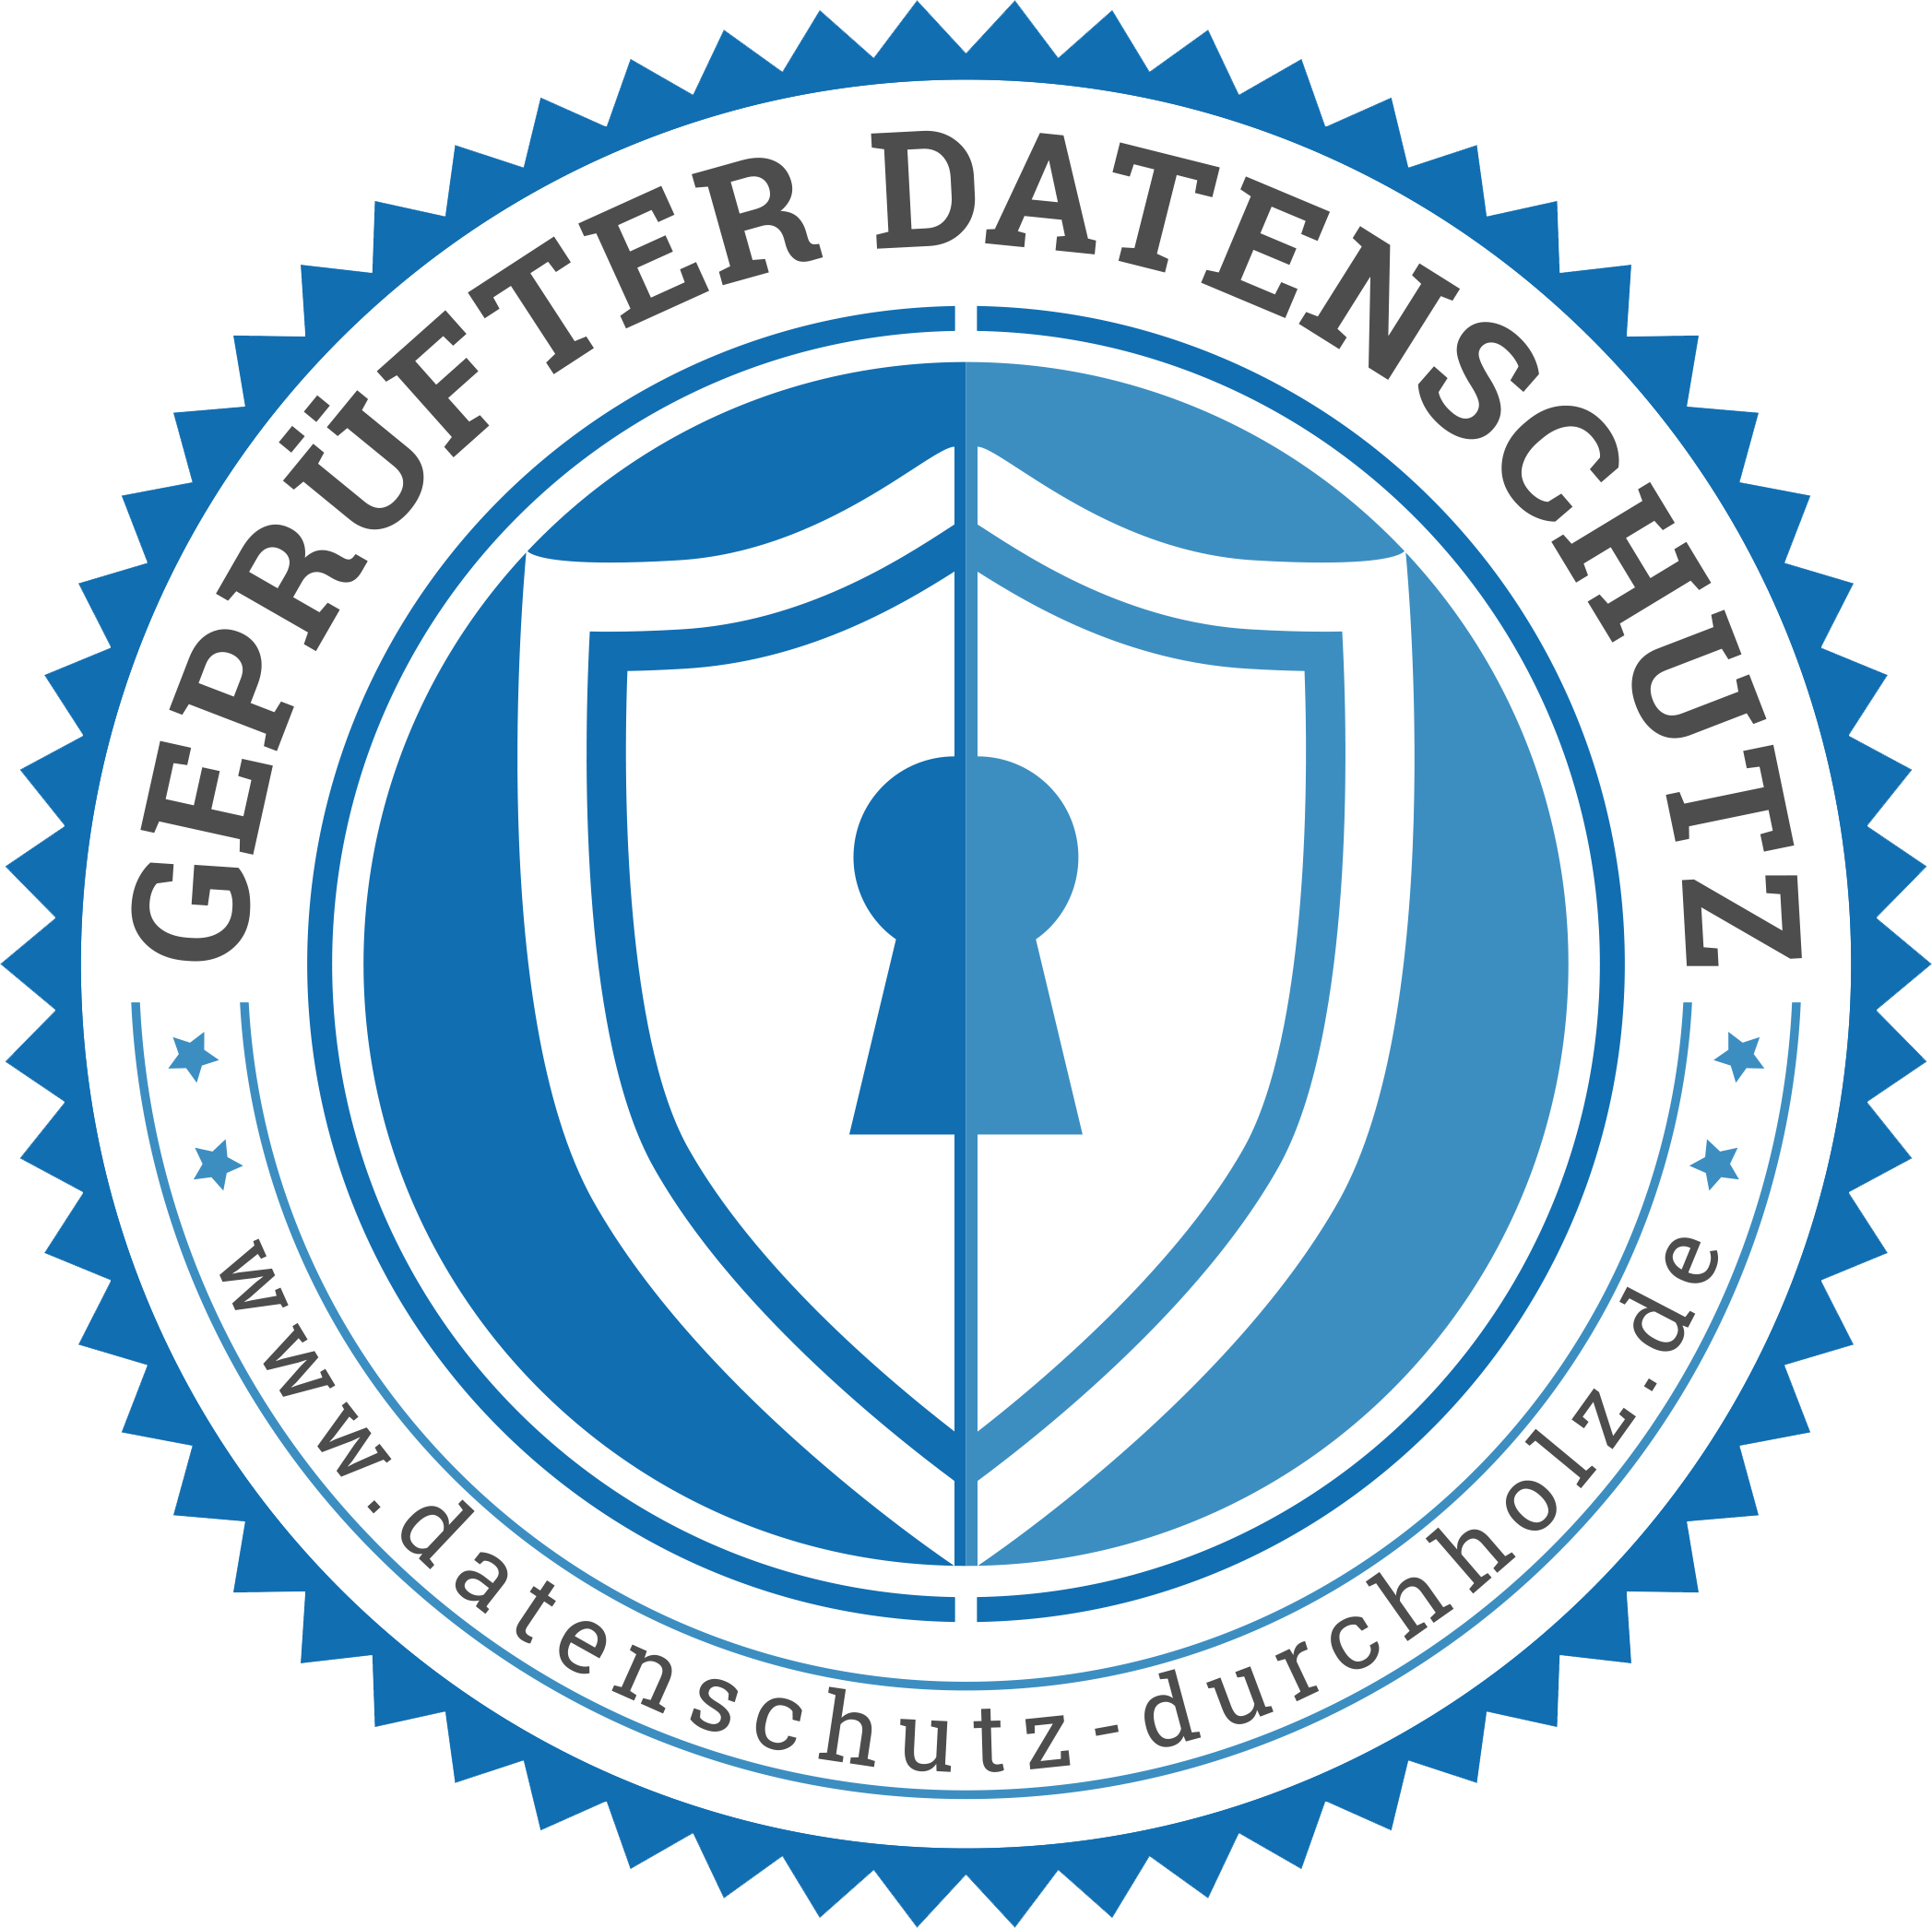 Weiter zum Datenschutzsiegel der Market Plattform Marketing GbR, Berlin